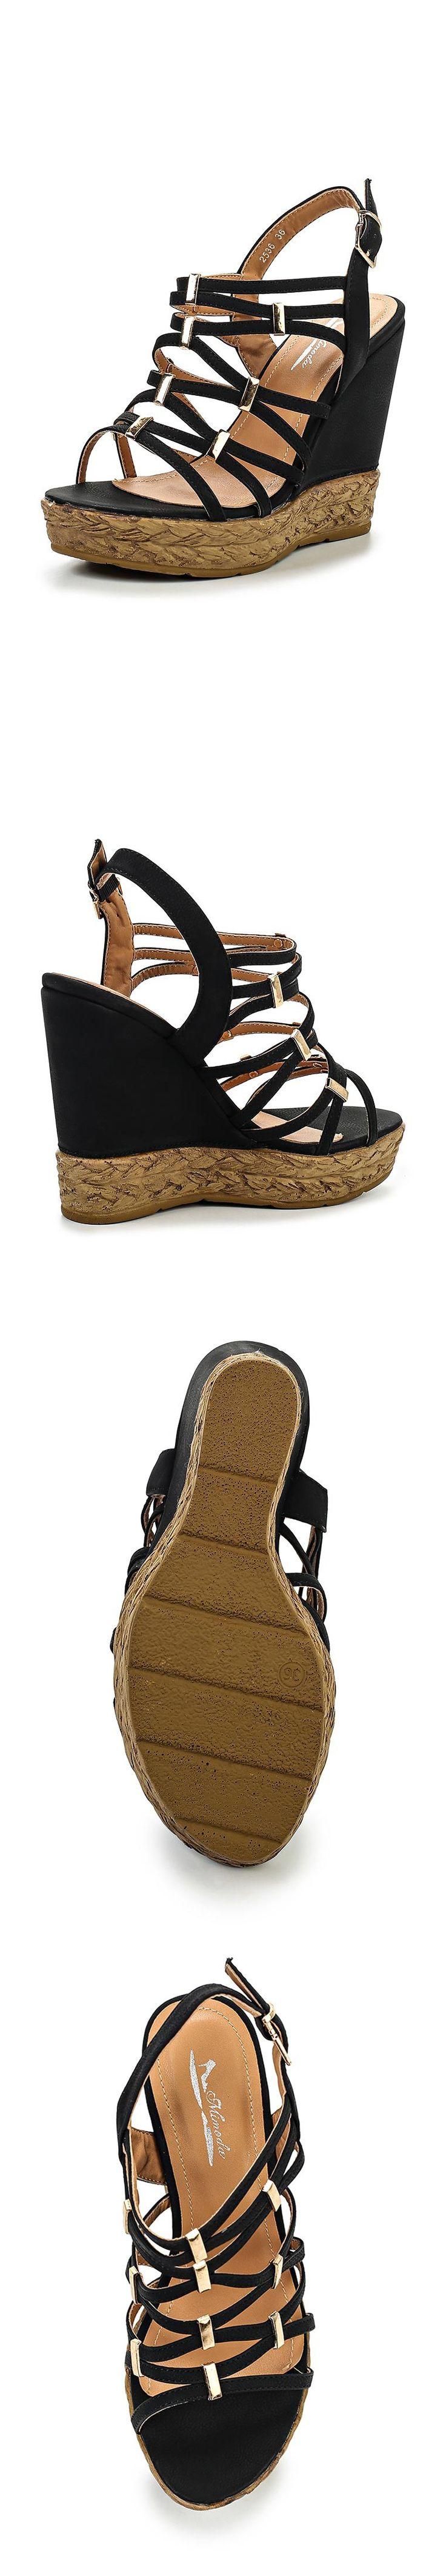 Женская обувь босоножки Mimoda за 2530.00 руб.